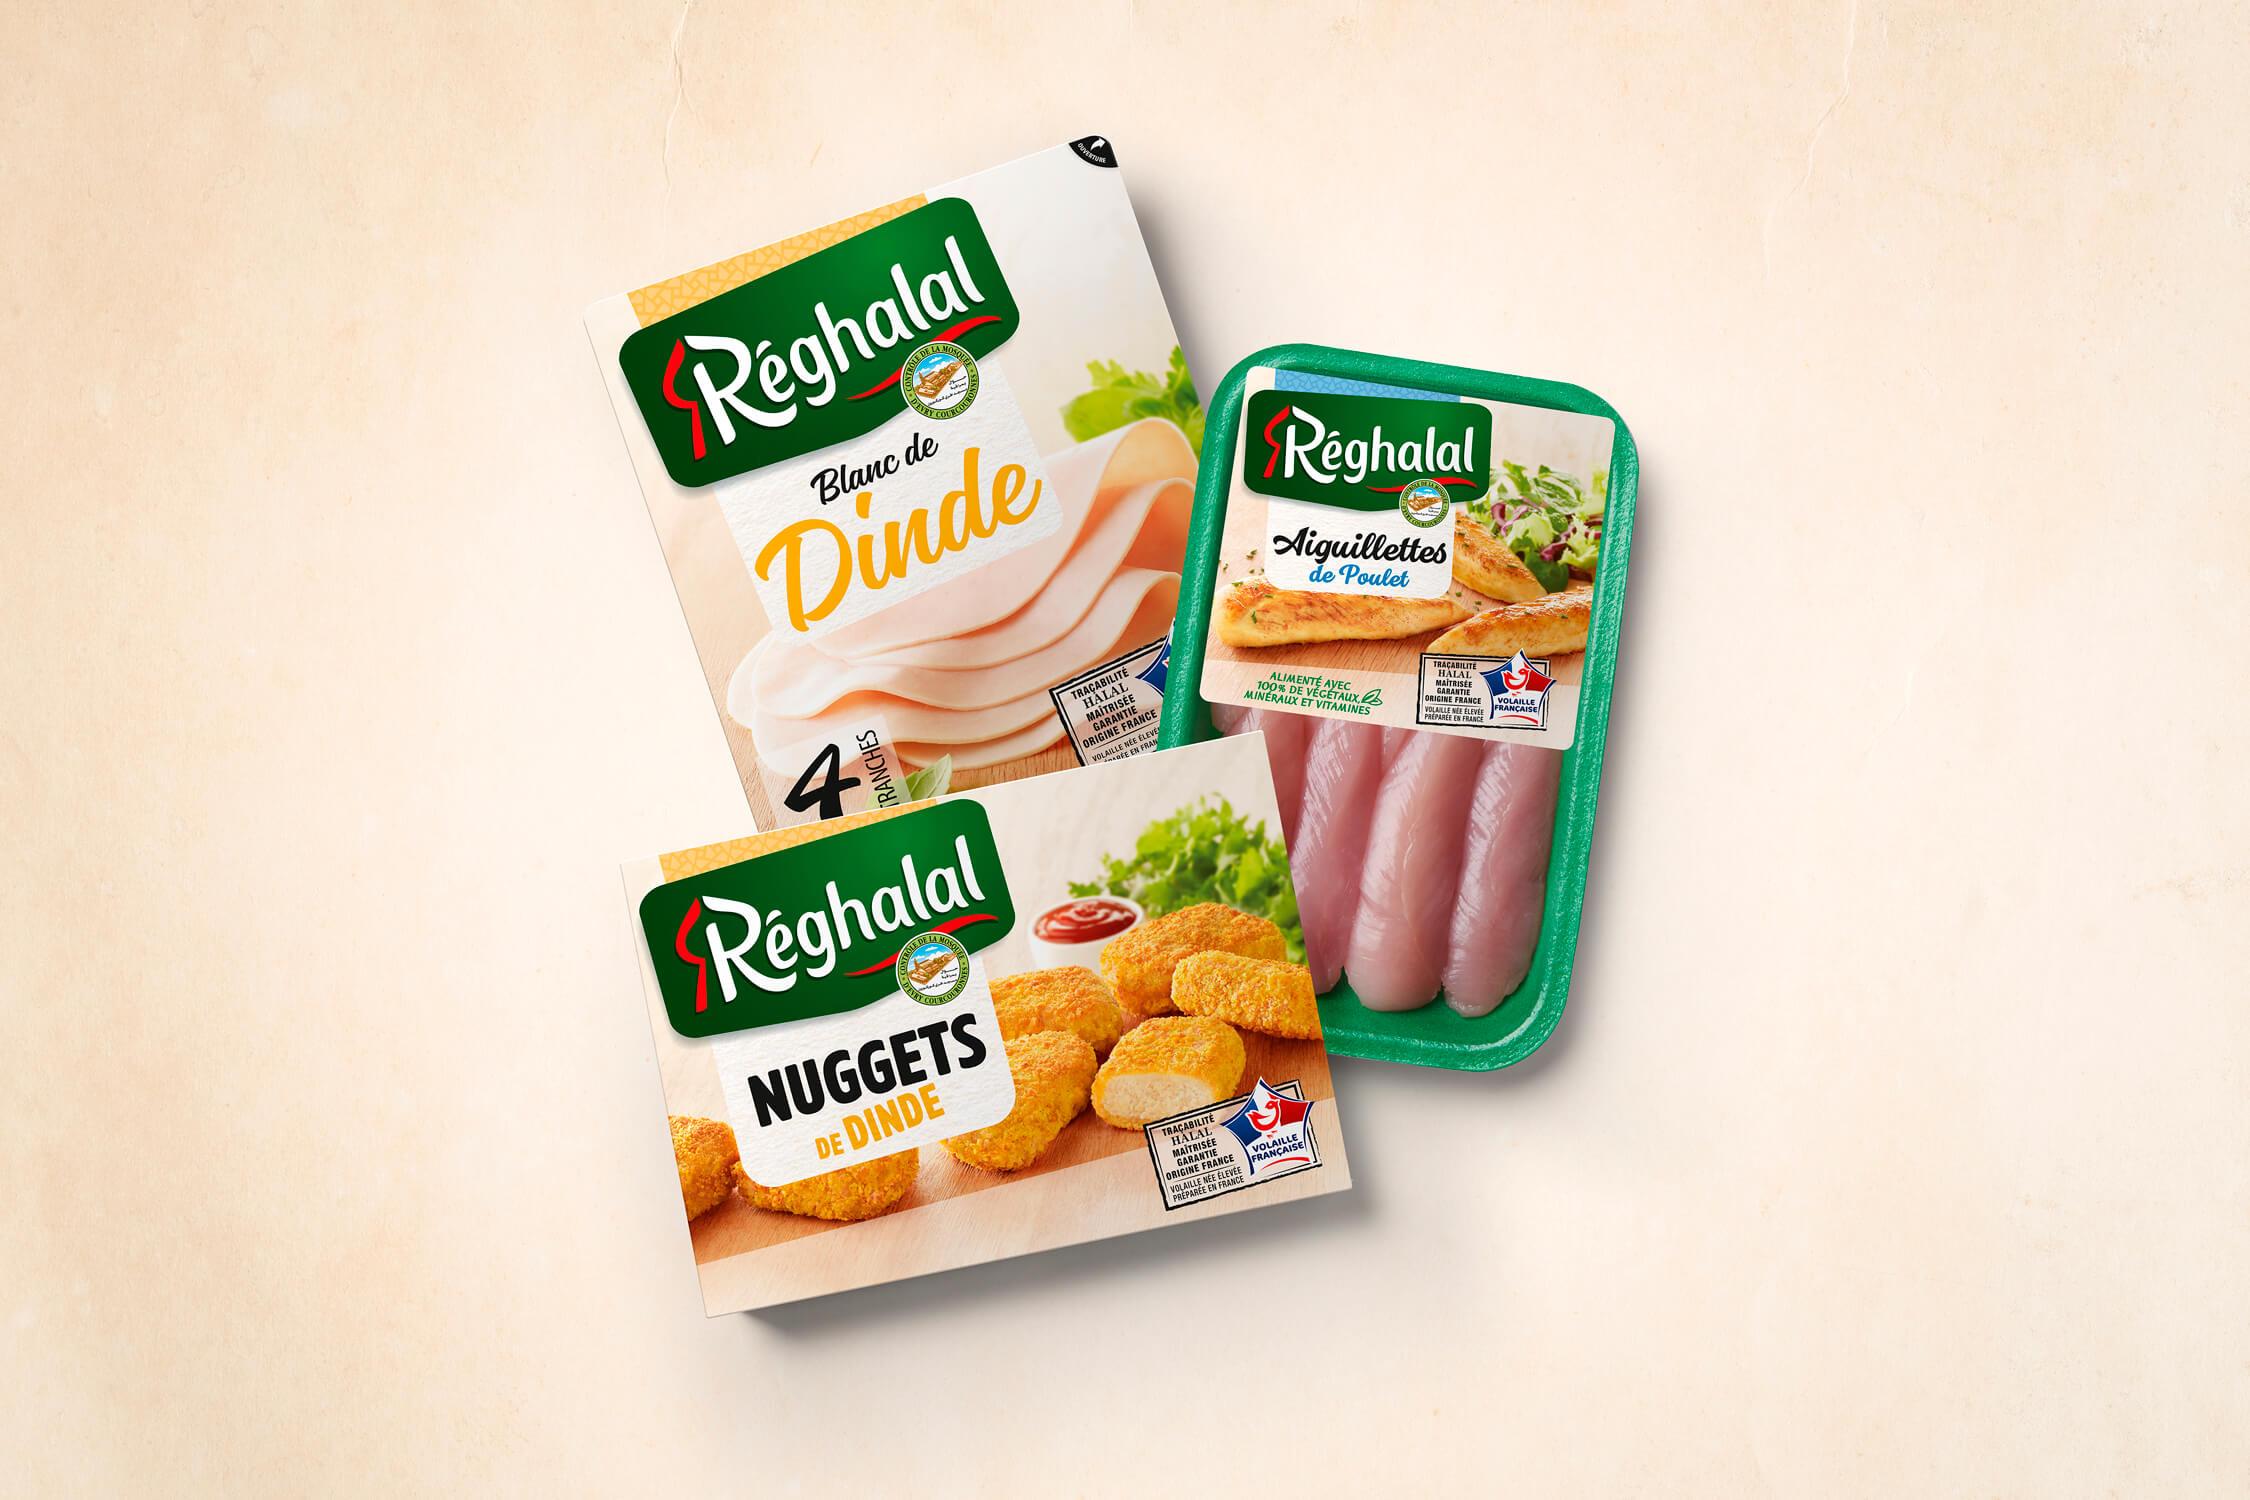 4 tranches de blanc de dinde halal, aiguillettes de poulet halal et nuggets de dinde halal